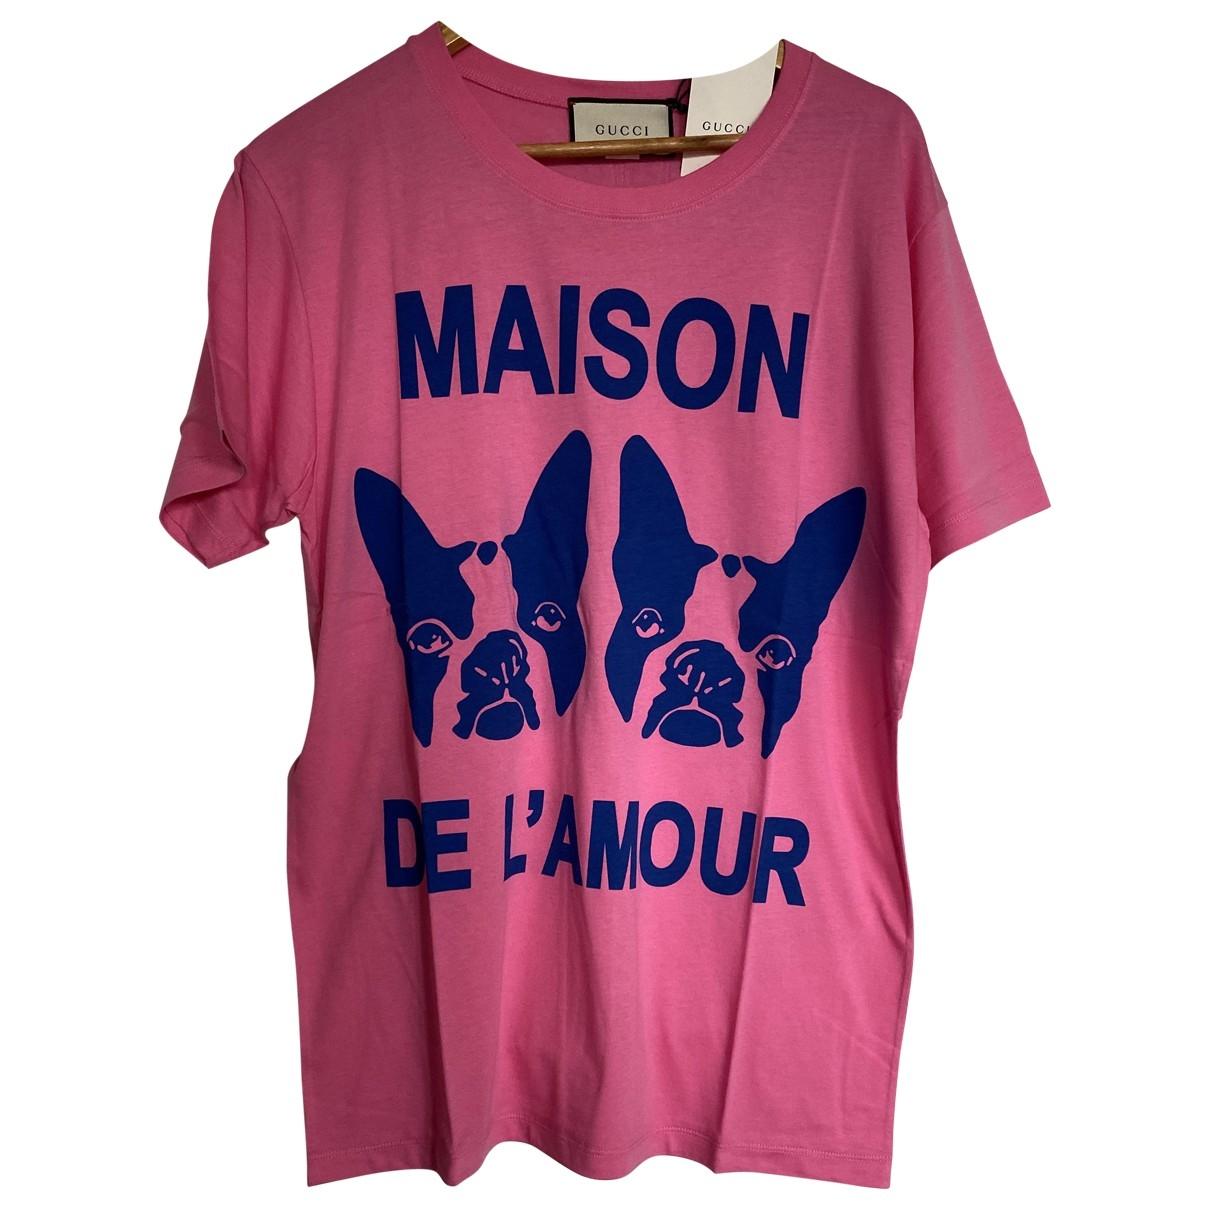 Gucci - Tee shirts   pour homme en coton - rose